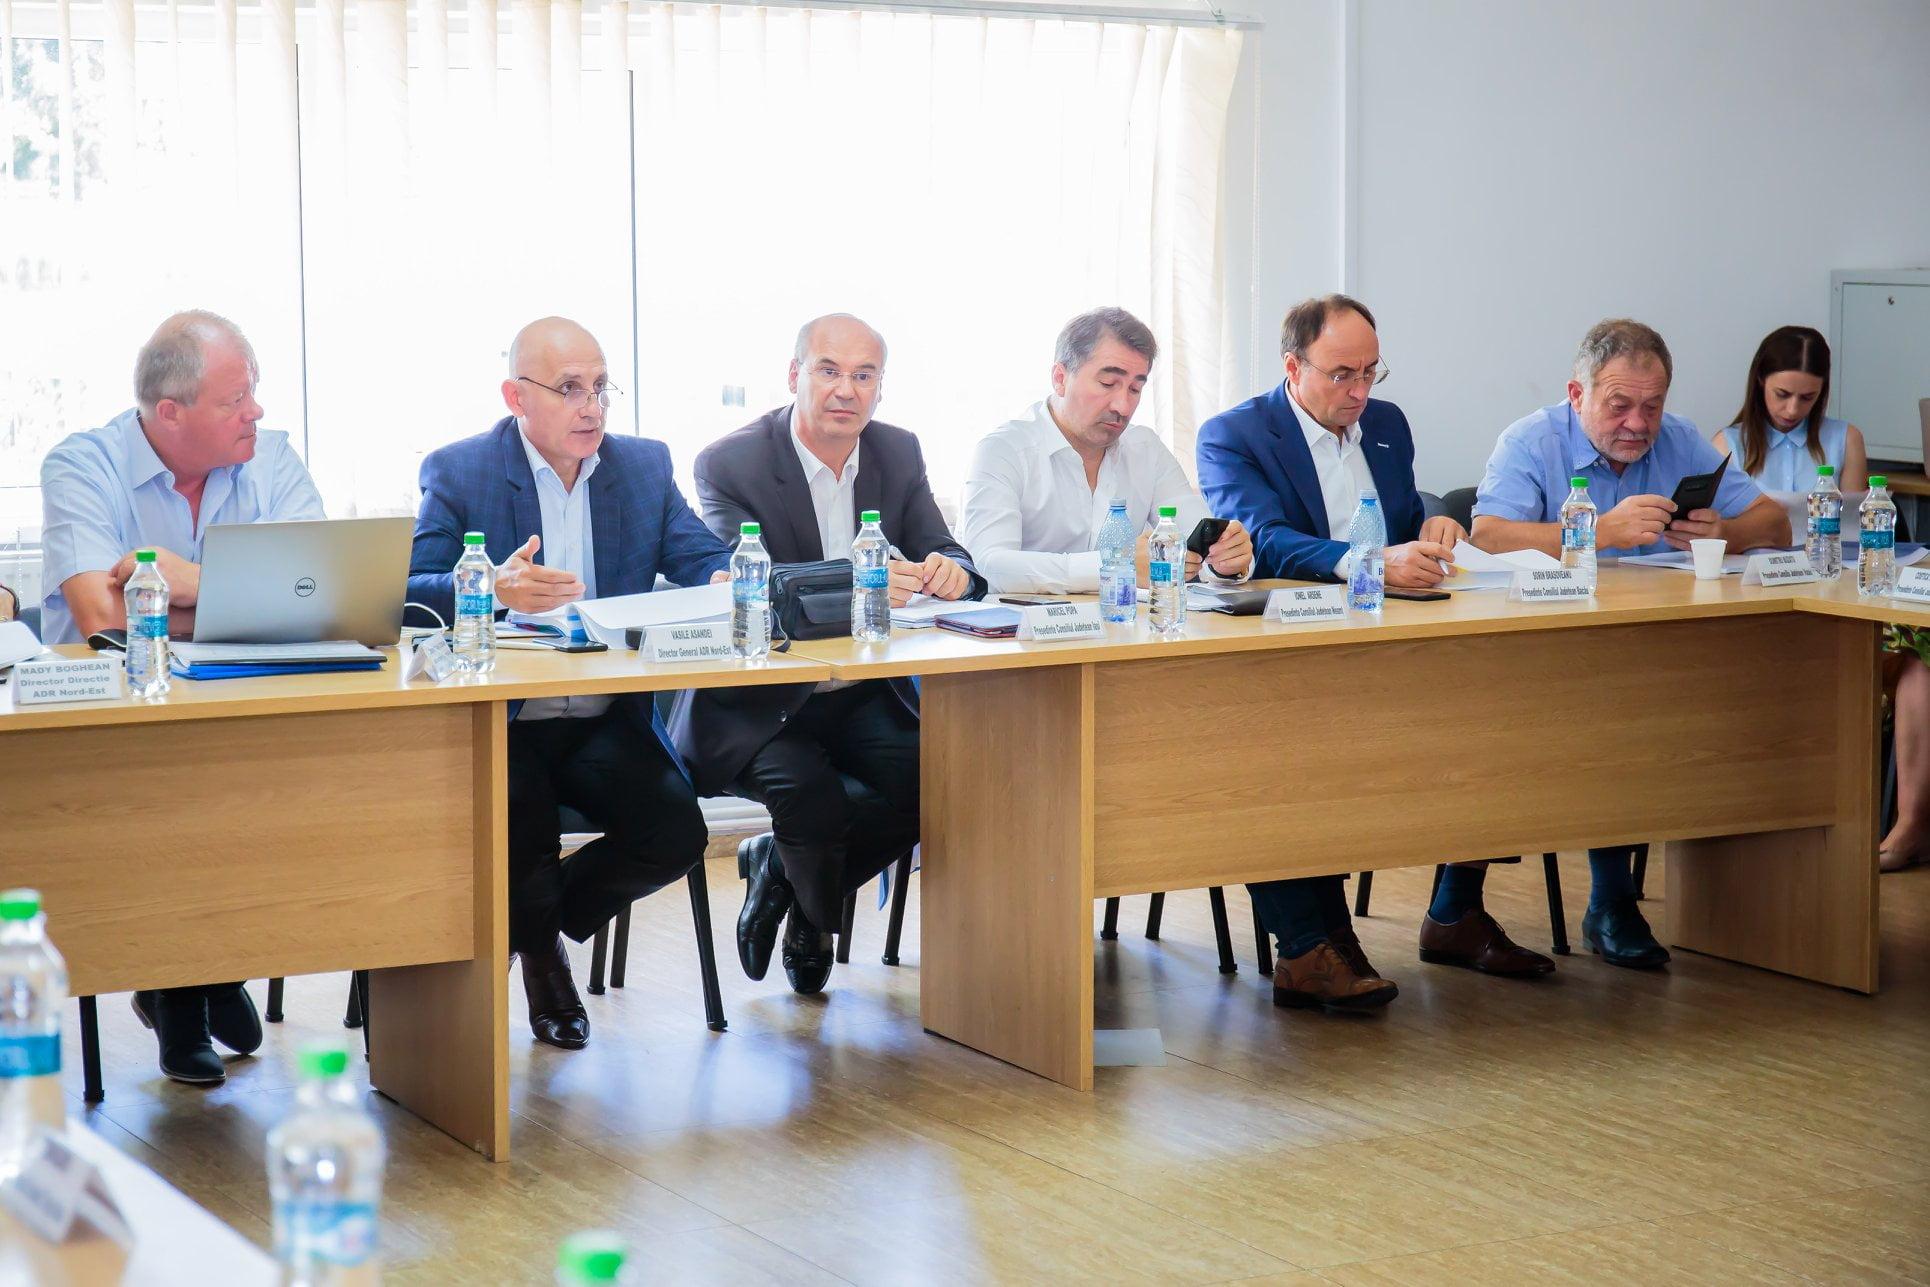 Consiliul pentru Dezvoltare Regională Nord-Est solicită noi finanțări pentru reabilitarea termică a clădirilor publice